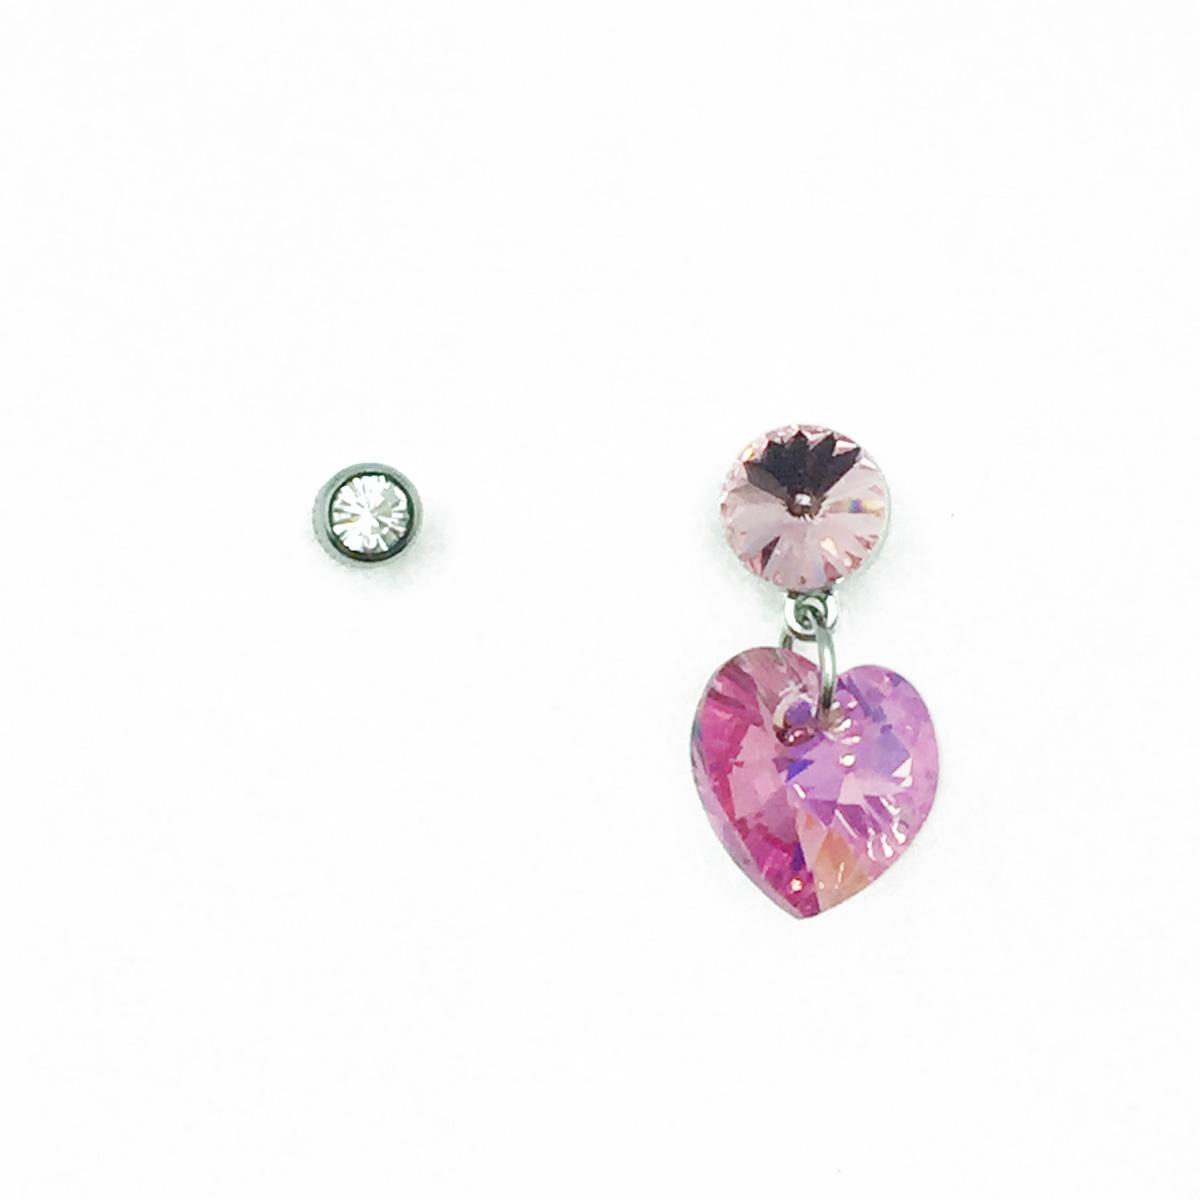 不鏽鋼 愛心粉鑽 水鑽 垂墜感 後轉式針式耳環